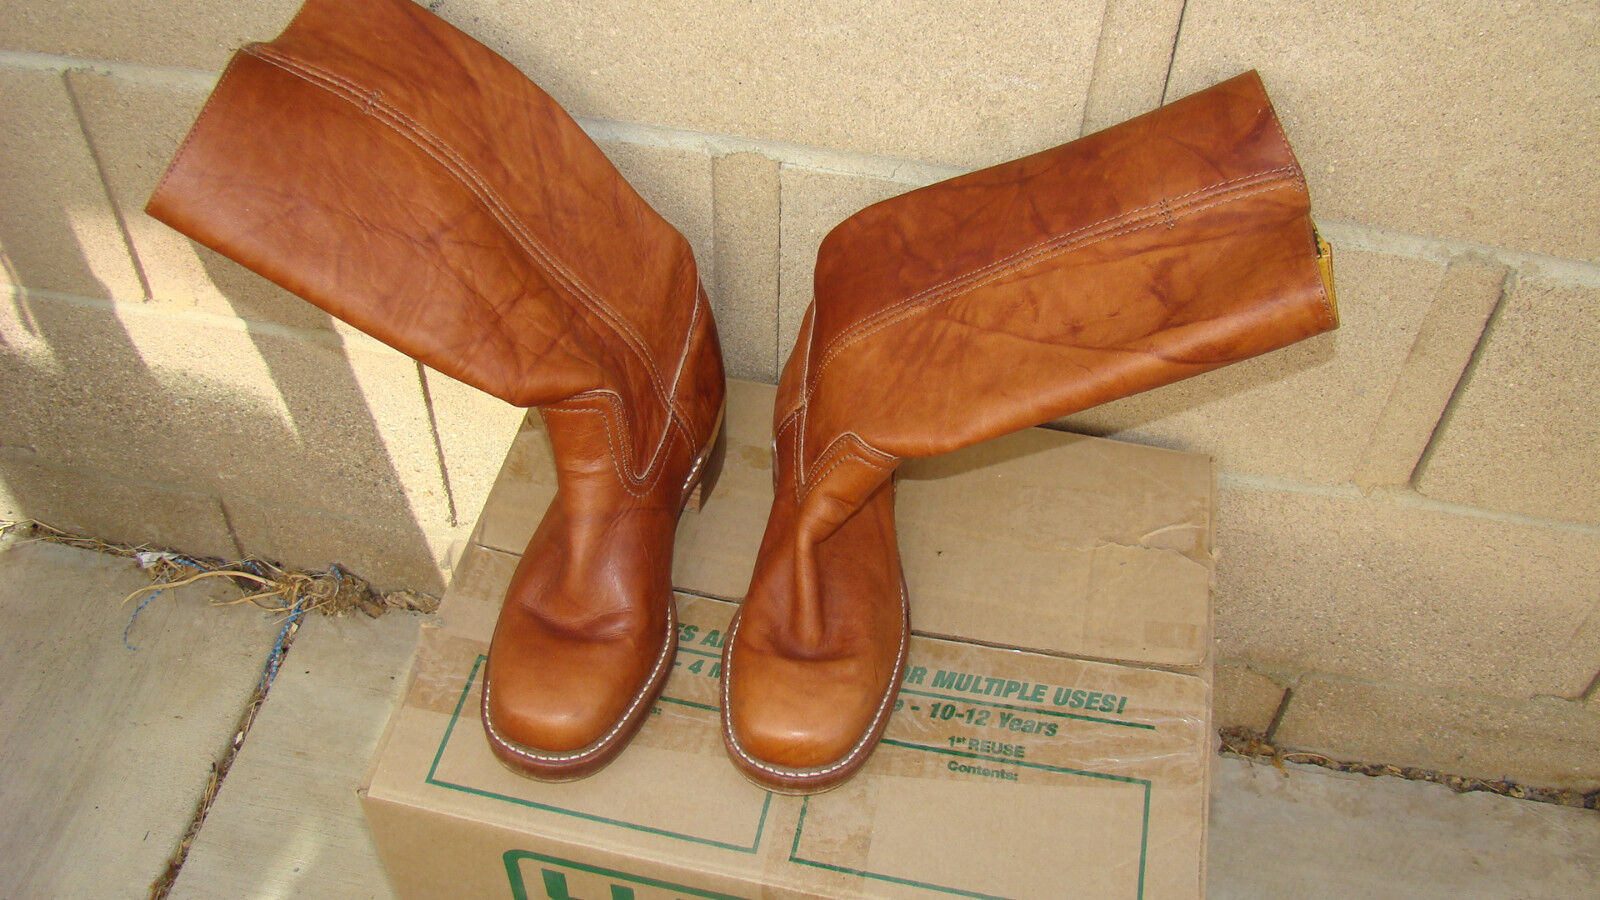 Frye Cuero Creek botas Tamaño  9M Hecho en en en EE. UU.  estilo clásico